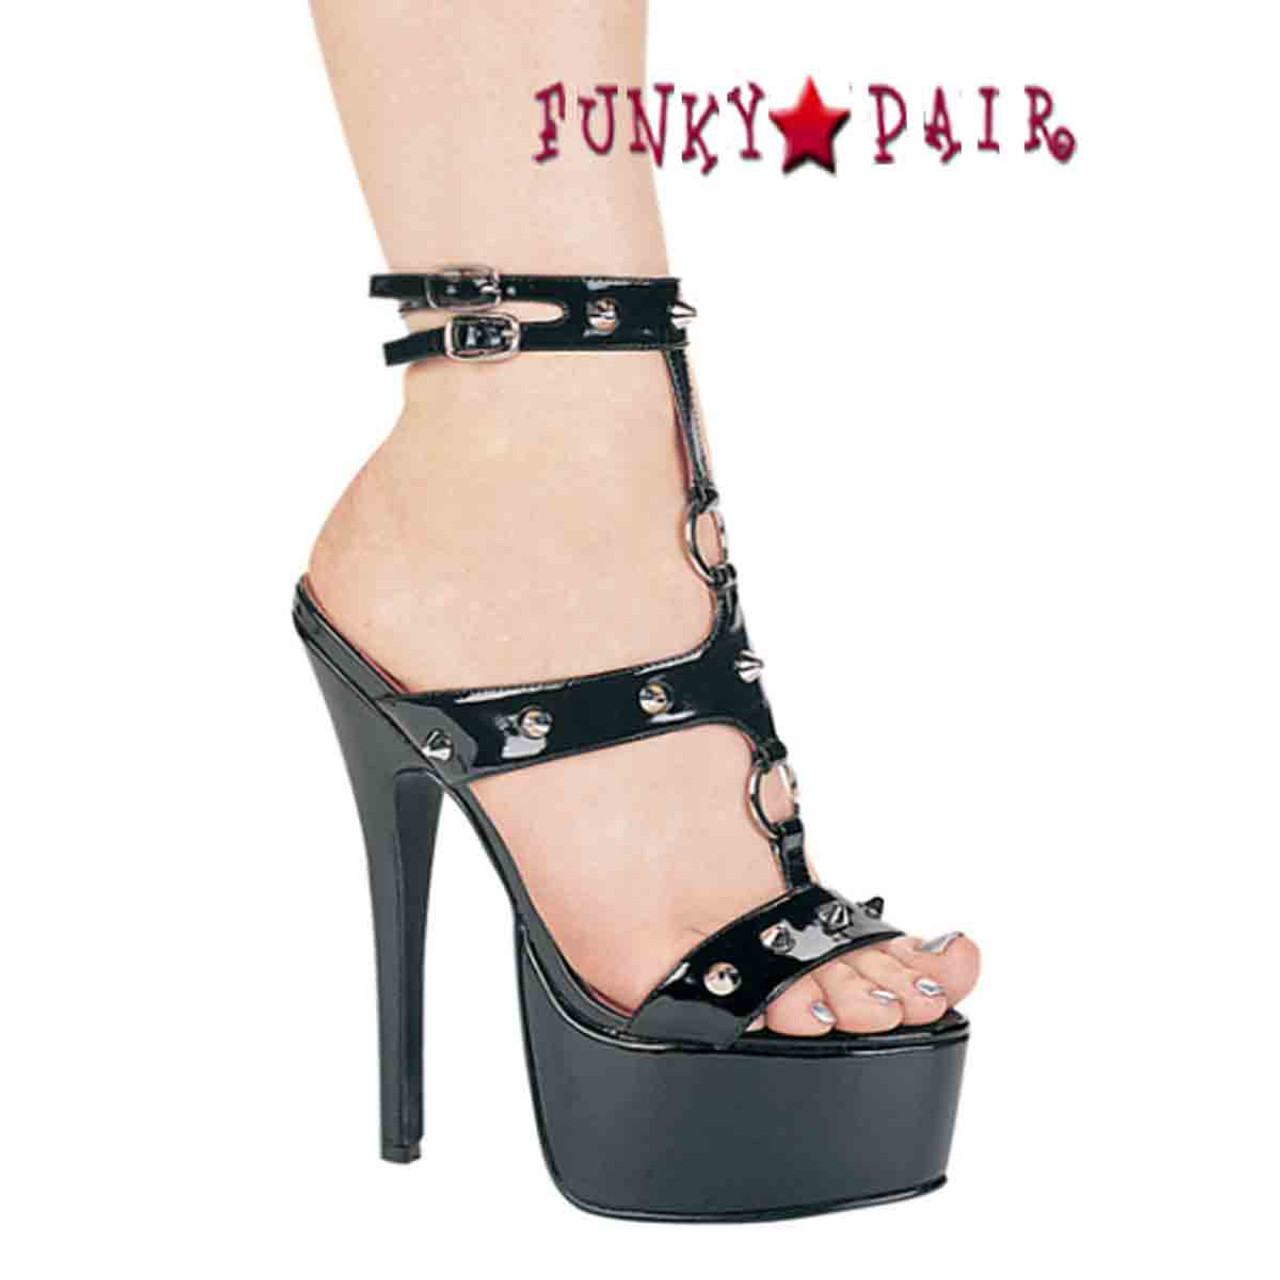 High Heel with Platform Fetish Shoes